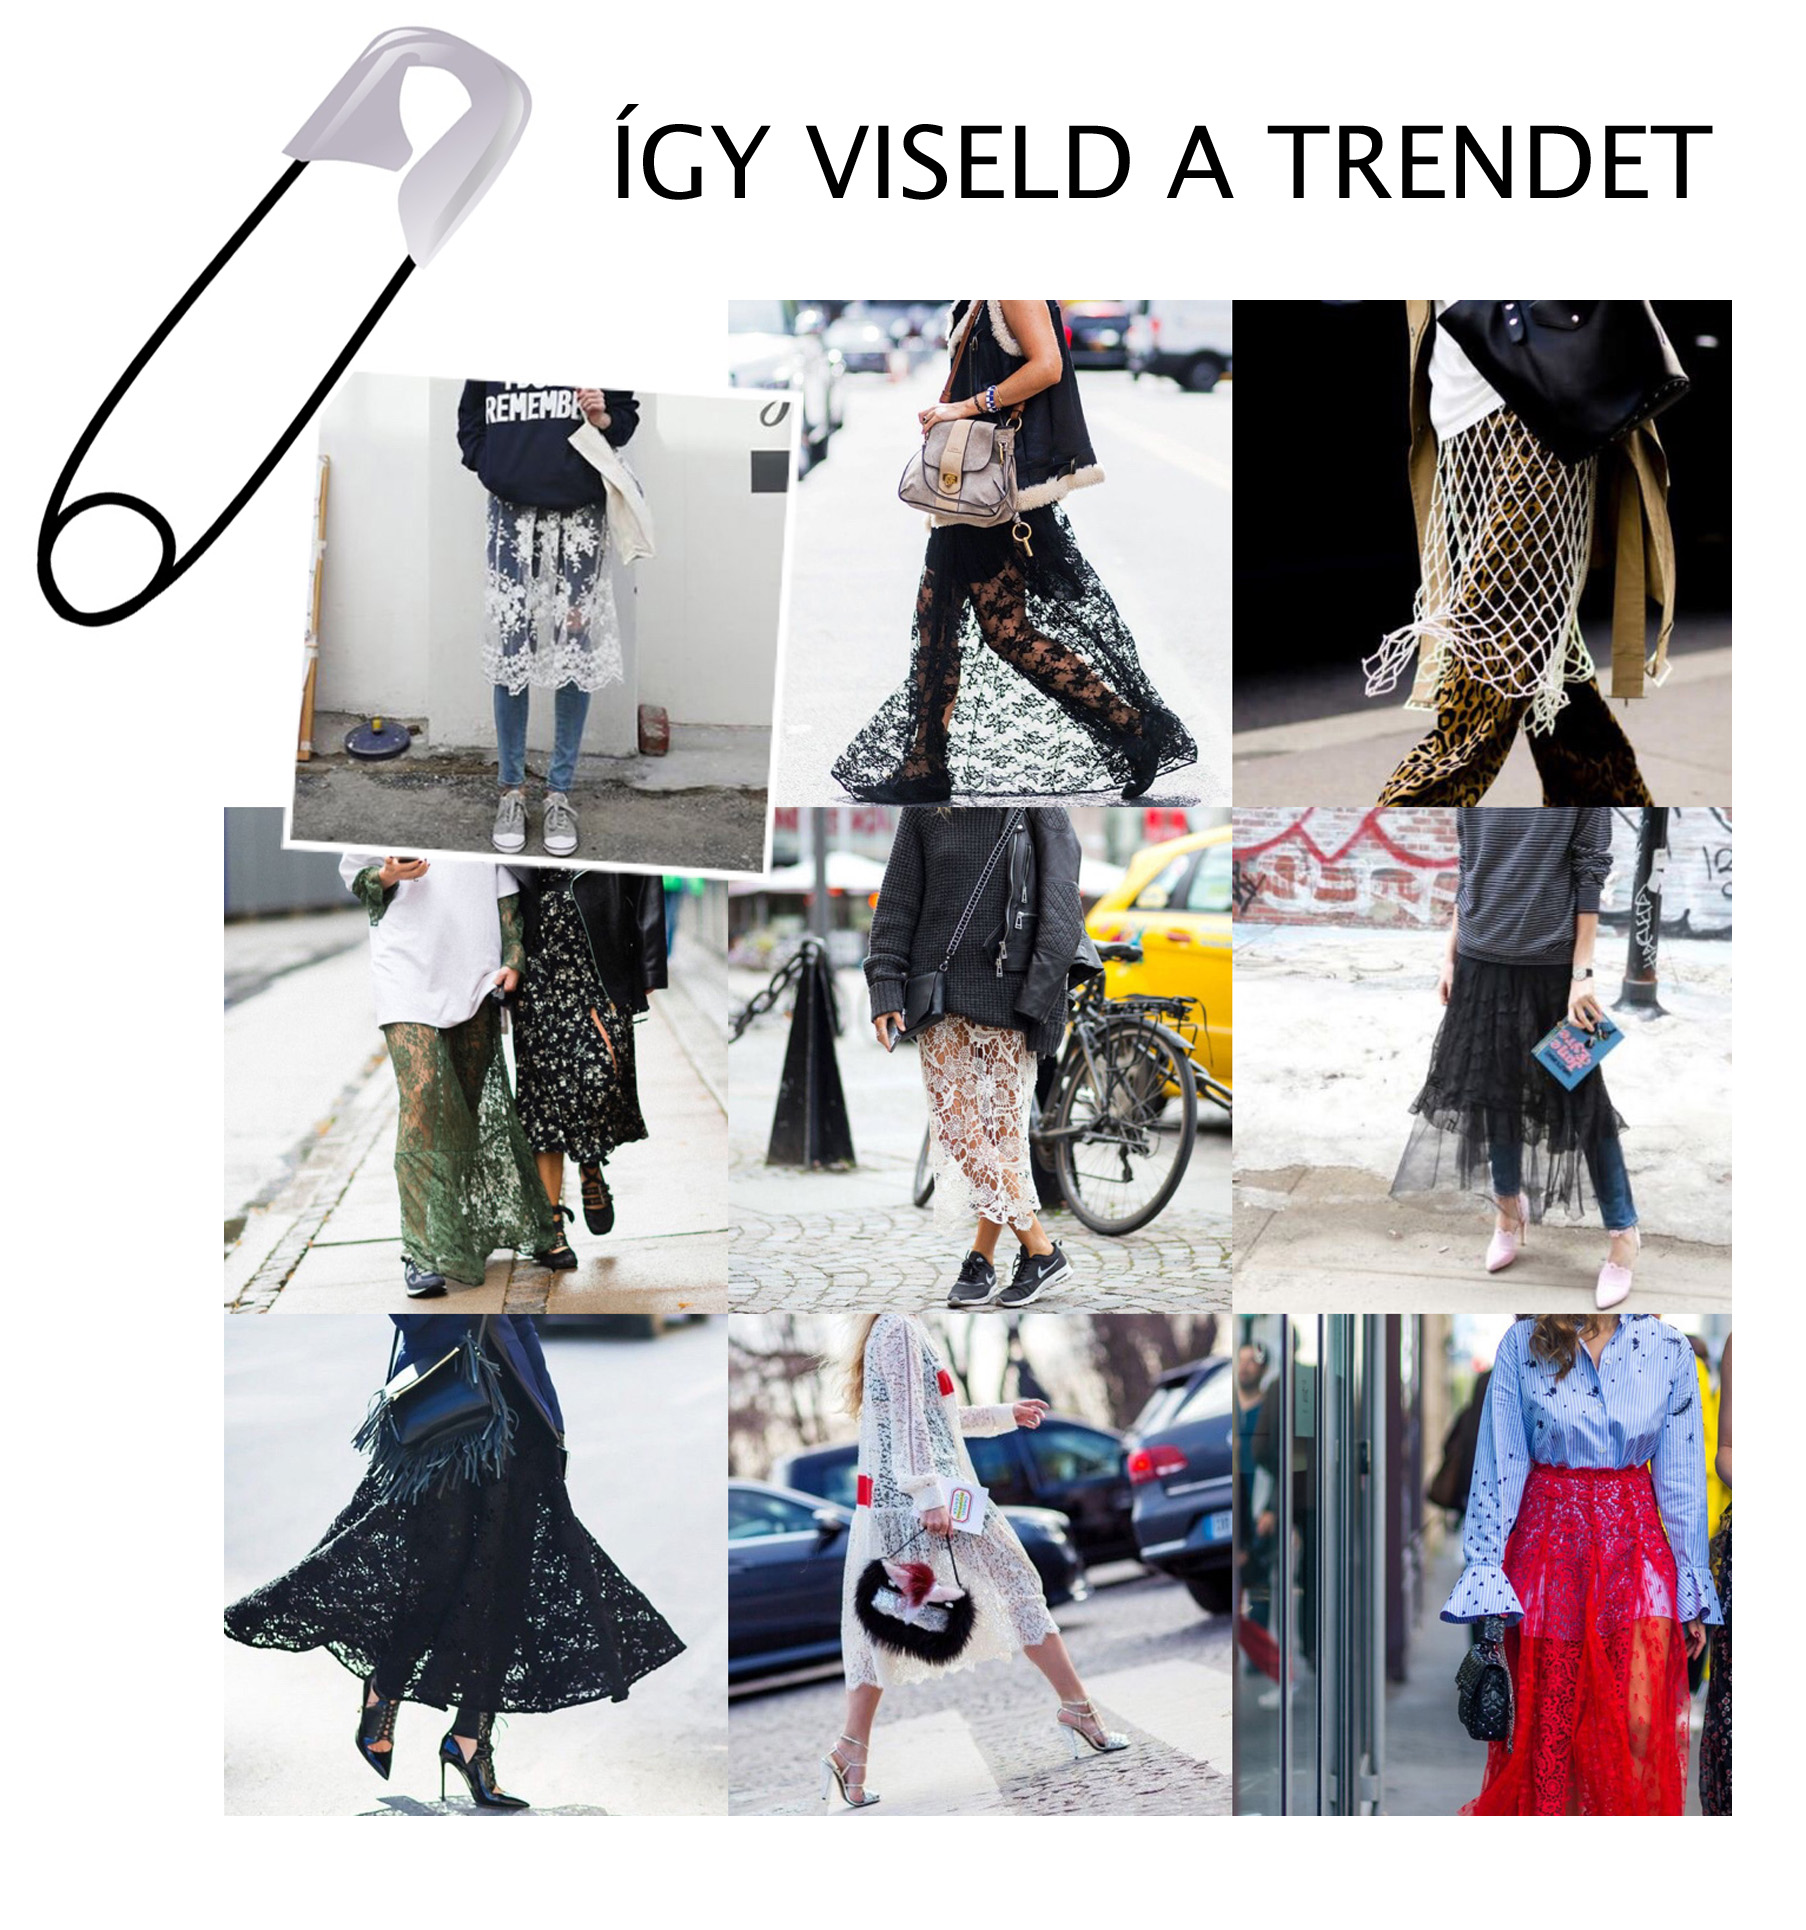 ÍGY VISELD A TRENDET szoknya-nadrág